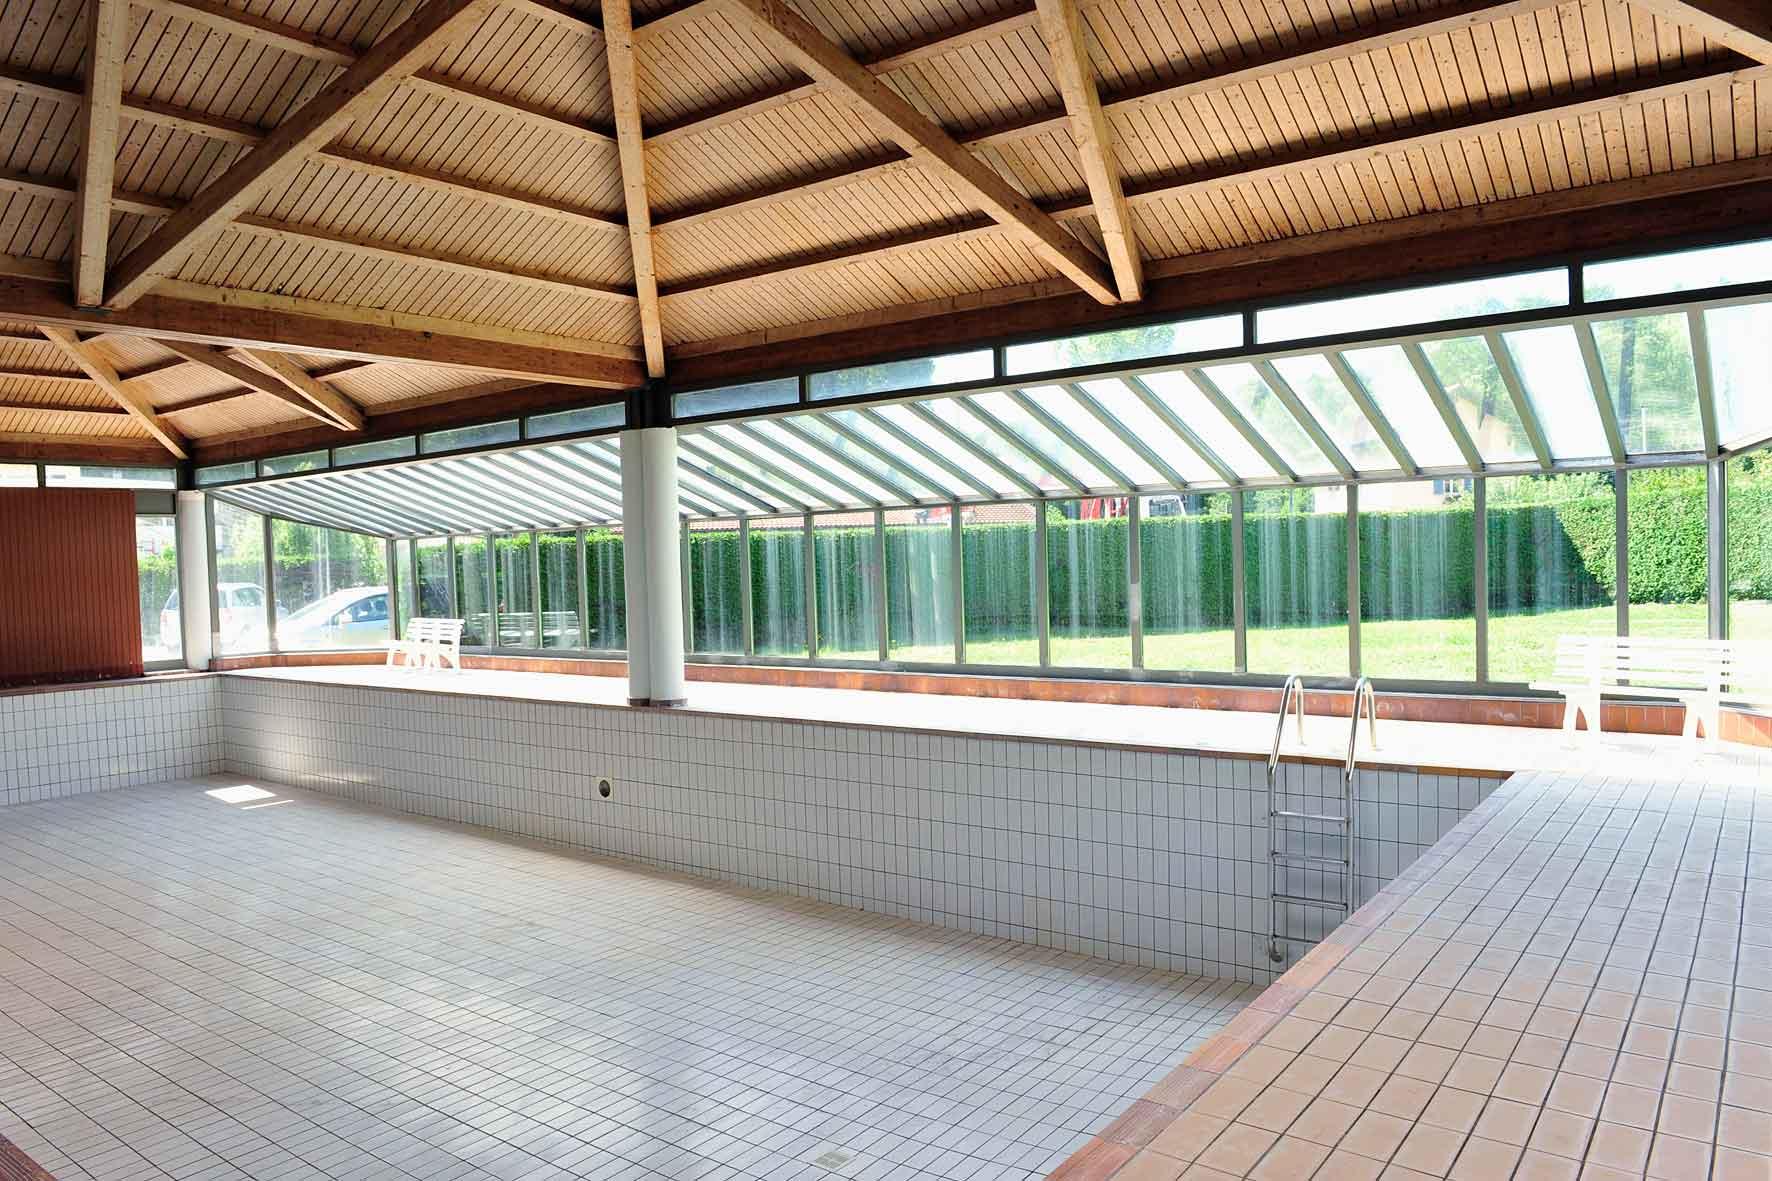 La piscine de valeyres restera vide la r gion for Centre sportif cote des neiges piscine